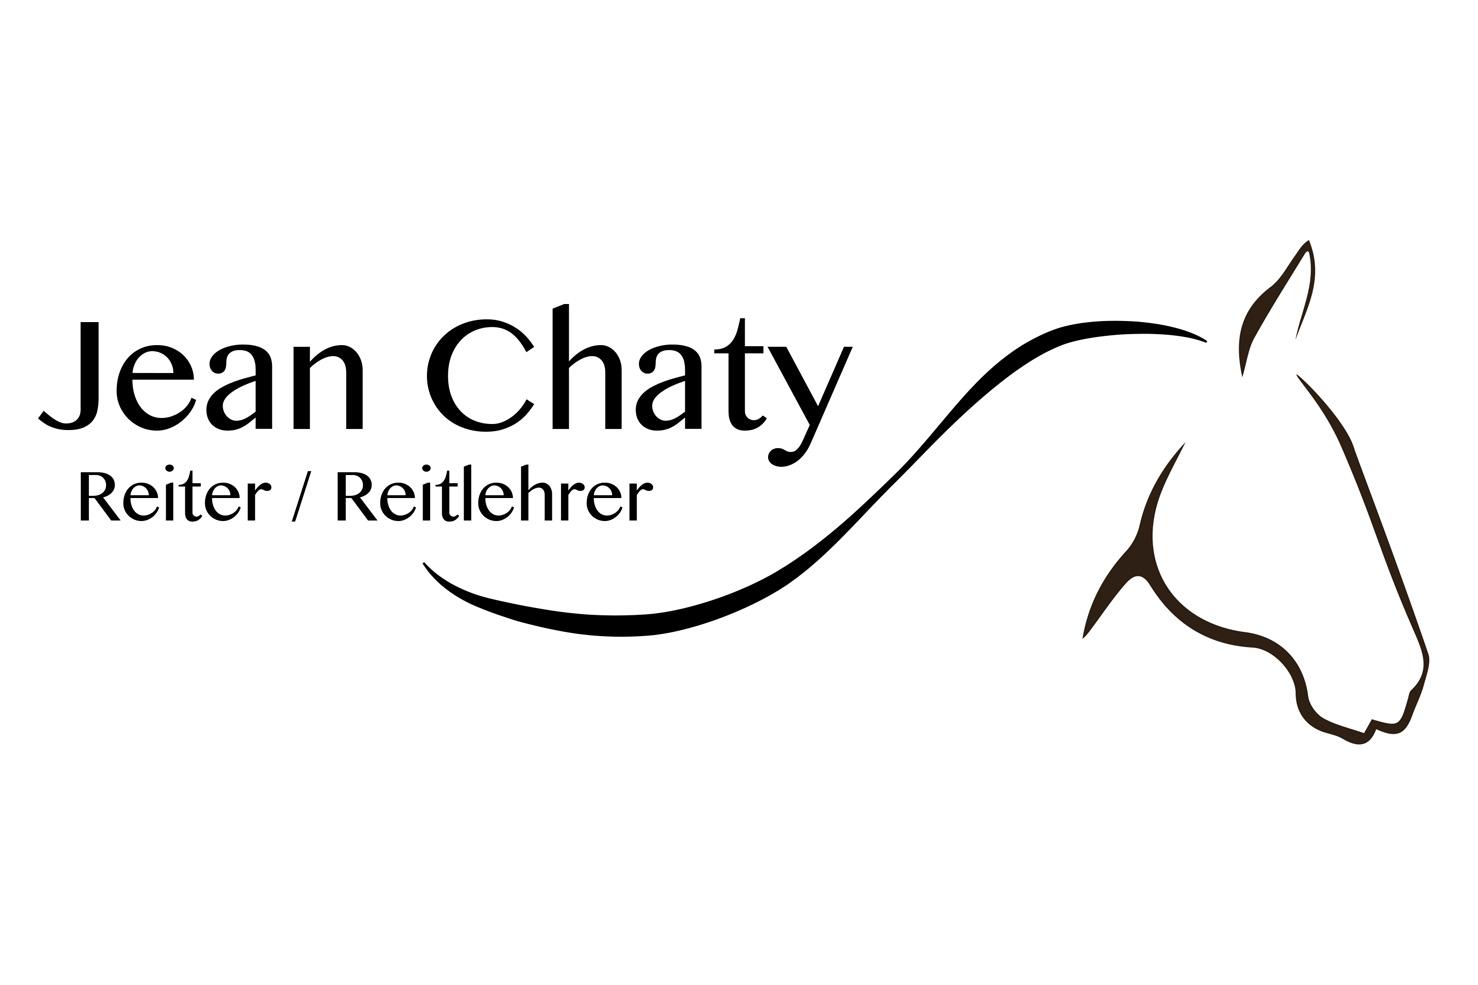 Bild 1 vom Jean Chaty Grafikdesign